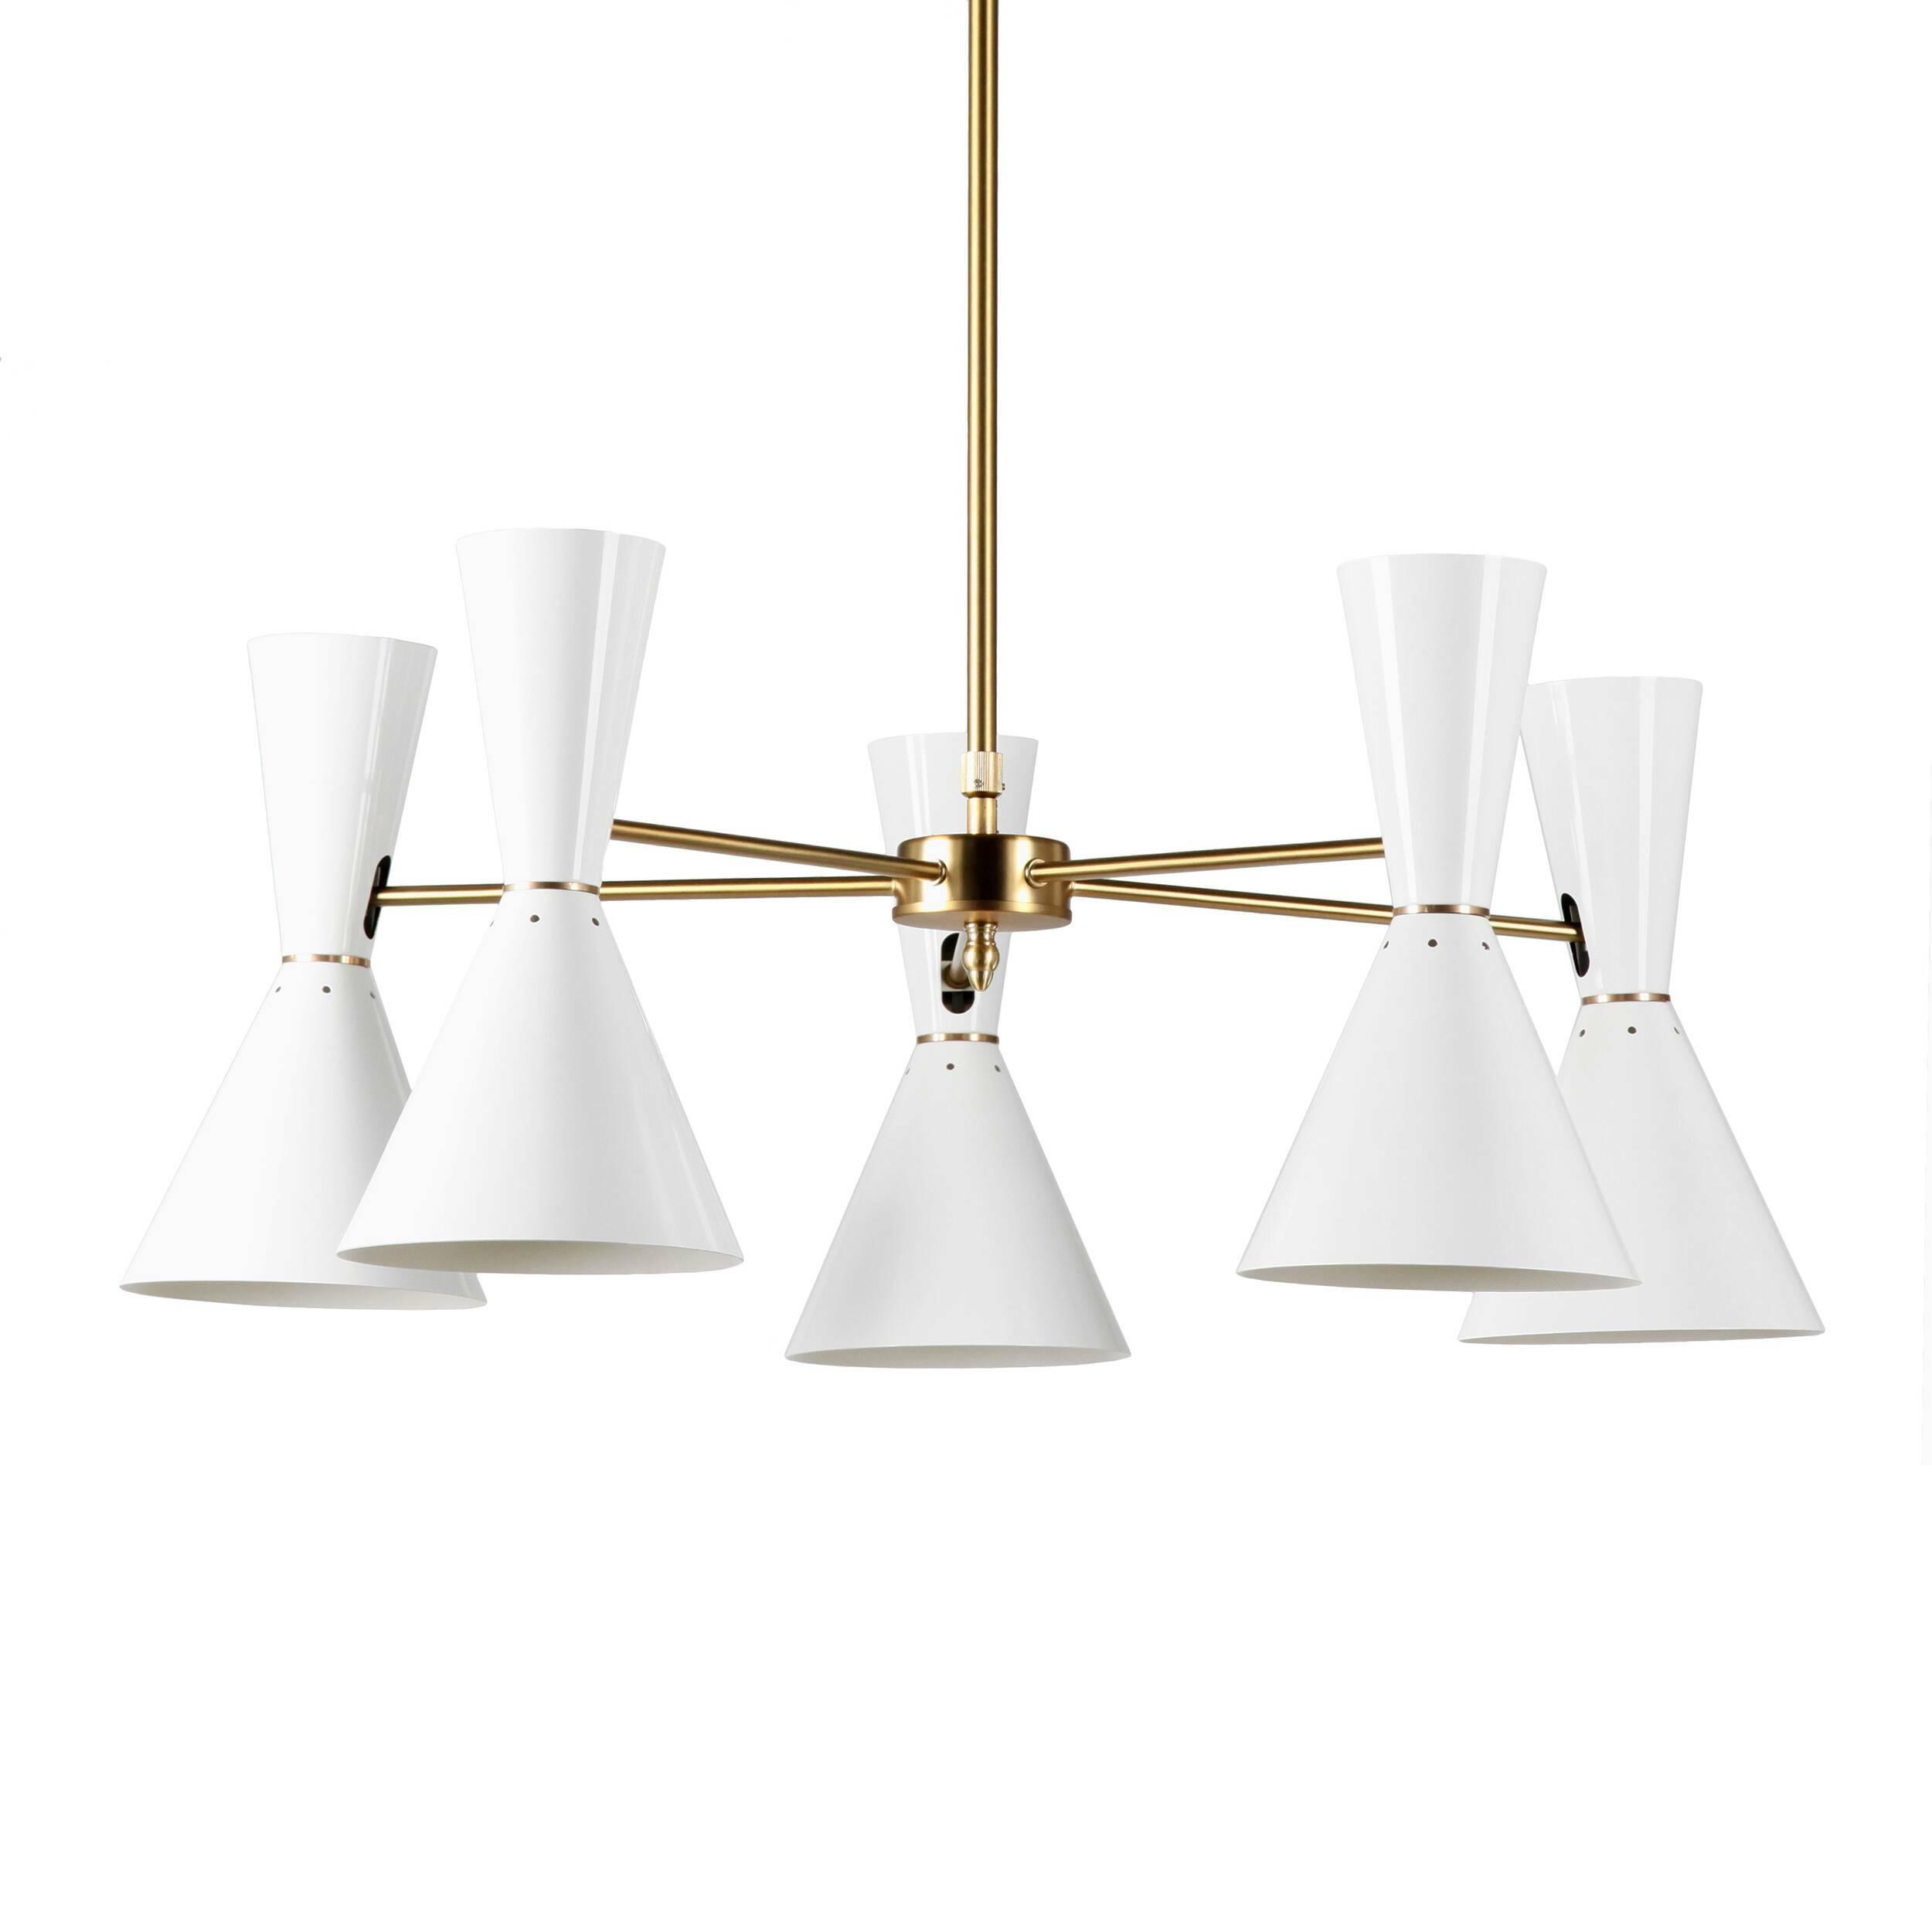 Потолочный светильник Stilnovo Style 5 лампПотолочные<br>Потолочный светильник Stilnovo Style 5 ламп — это яркий и веселый светильник американской компании Stilnovo, которая воспроизводит лампы самых известных дизайнеров XX века и создает новые необычные осветительные приборы.<br><br><br> Этот светильник отличается своим цветовым исполнением. Пять абажуров, выкрашенные в двух вариантах — черном и белом, обязательно будут поднимать вам настроение в холодный зимний день или дождливую пасмурную осеннюю погоду. Тонкие ножки напоминают лучи солнышка, кото...<br><br>stock: 0<br>Высота: 36<br>Диаметр: 76<br>Количество ламп: 5<br>Материал абажура: Сталь<br>Материал арматуры: Сталь<br>Мощность лампы: 60<br>Ламп в комплекте: Нет<br>Тип лампы/цоколь: E27<br>Цвет абажура: Белый<br>Цвет арматуры: Латунь